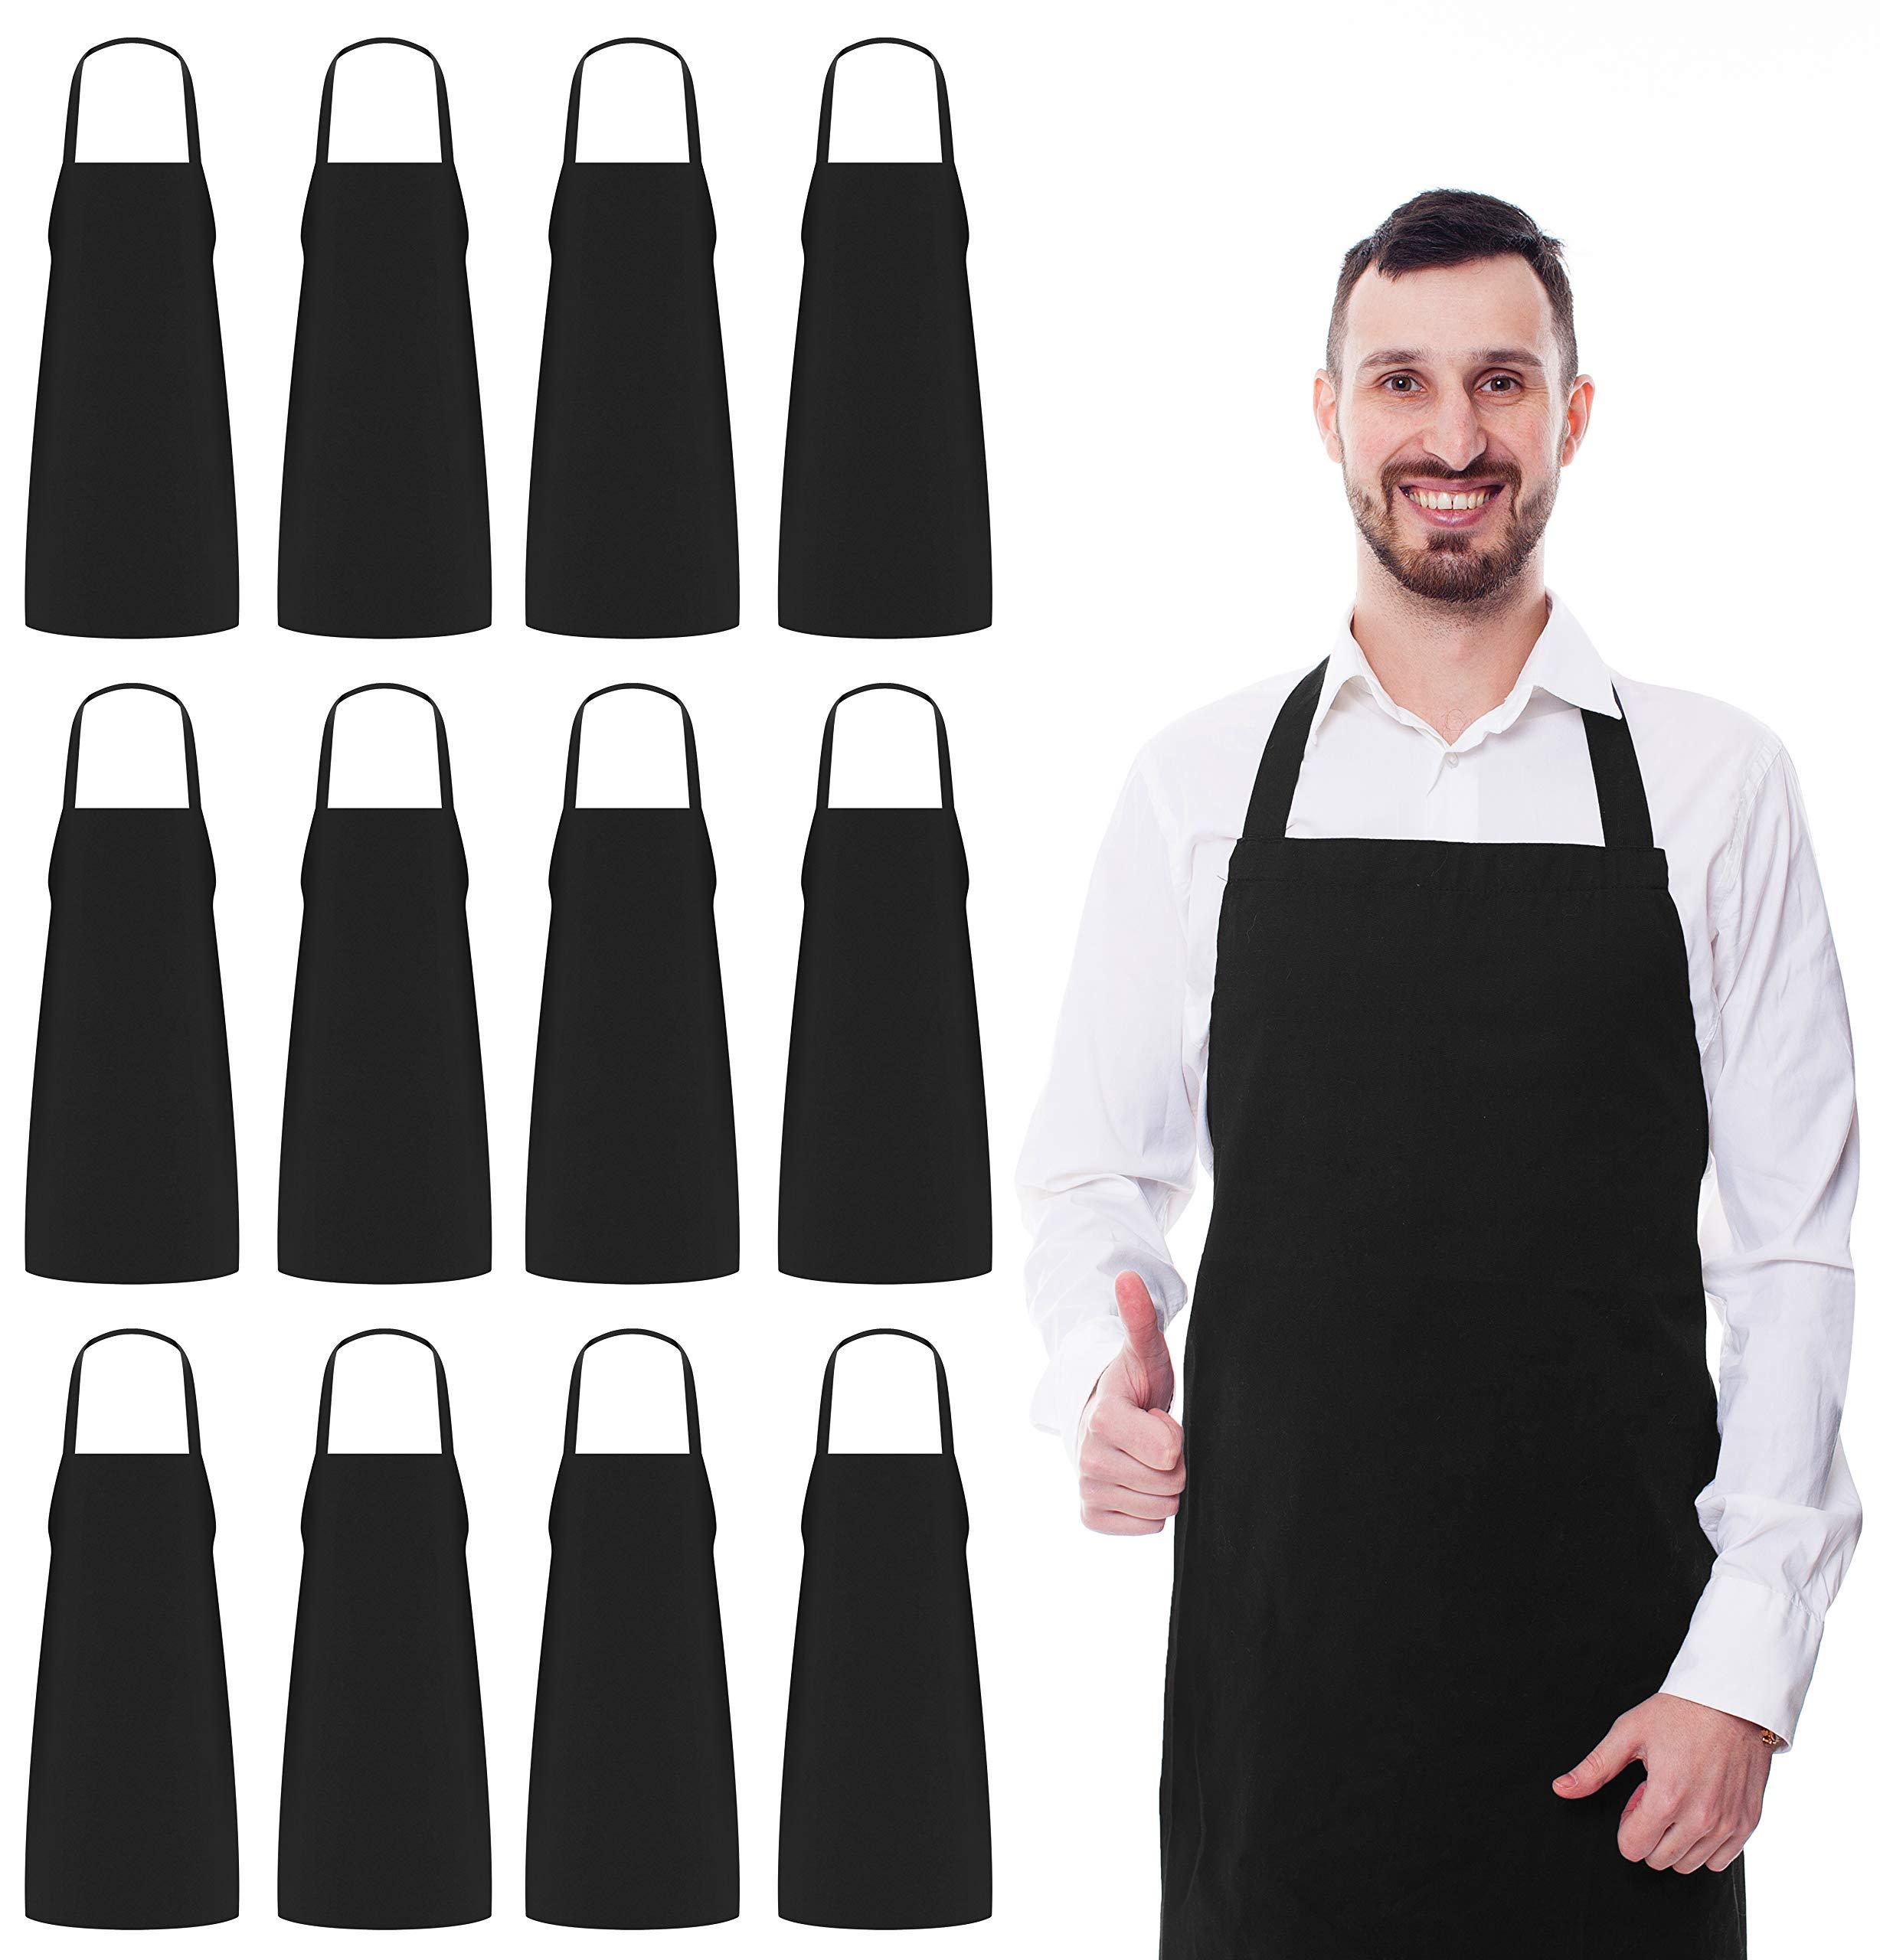 Bon Chef Professional Black /& White Check Bib Apron Cotton Chefs Kitchen Apron